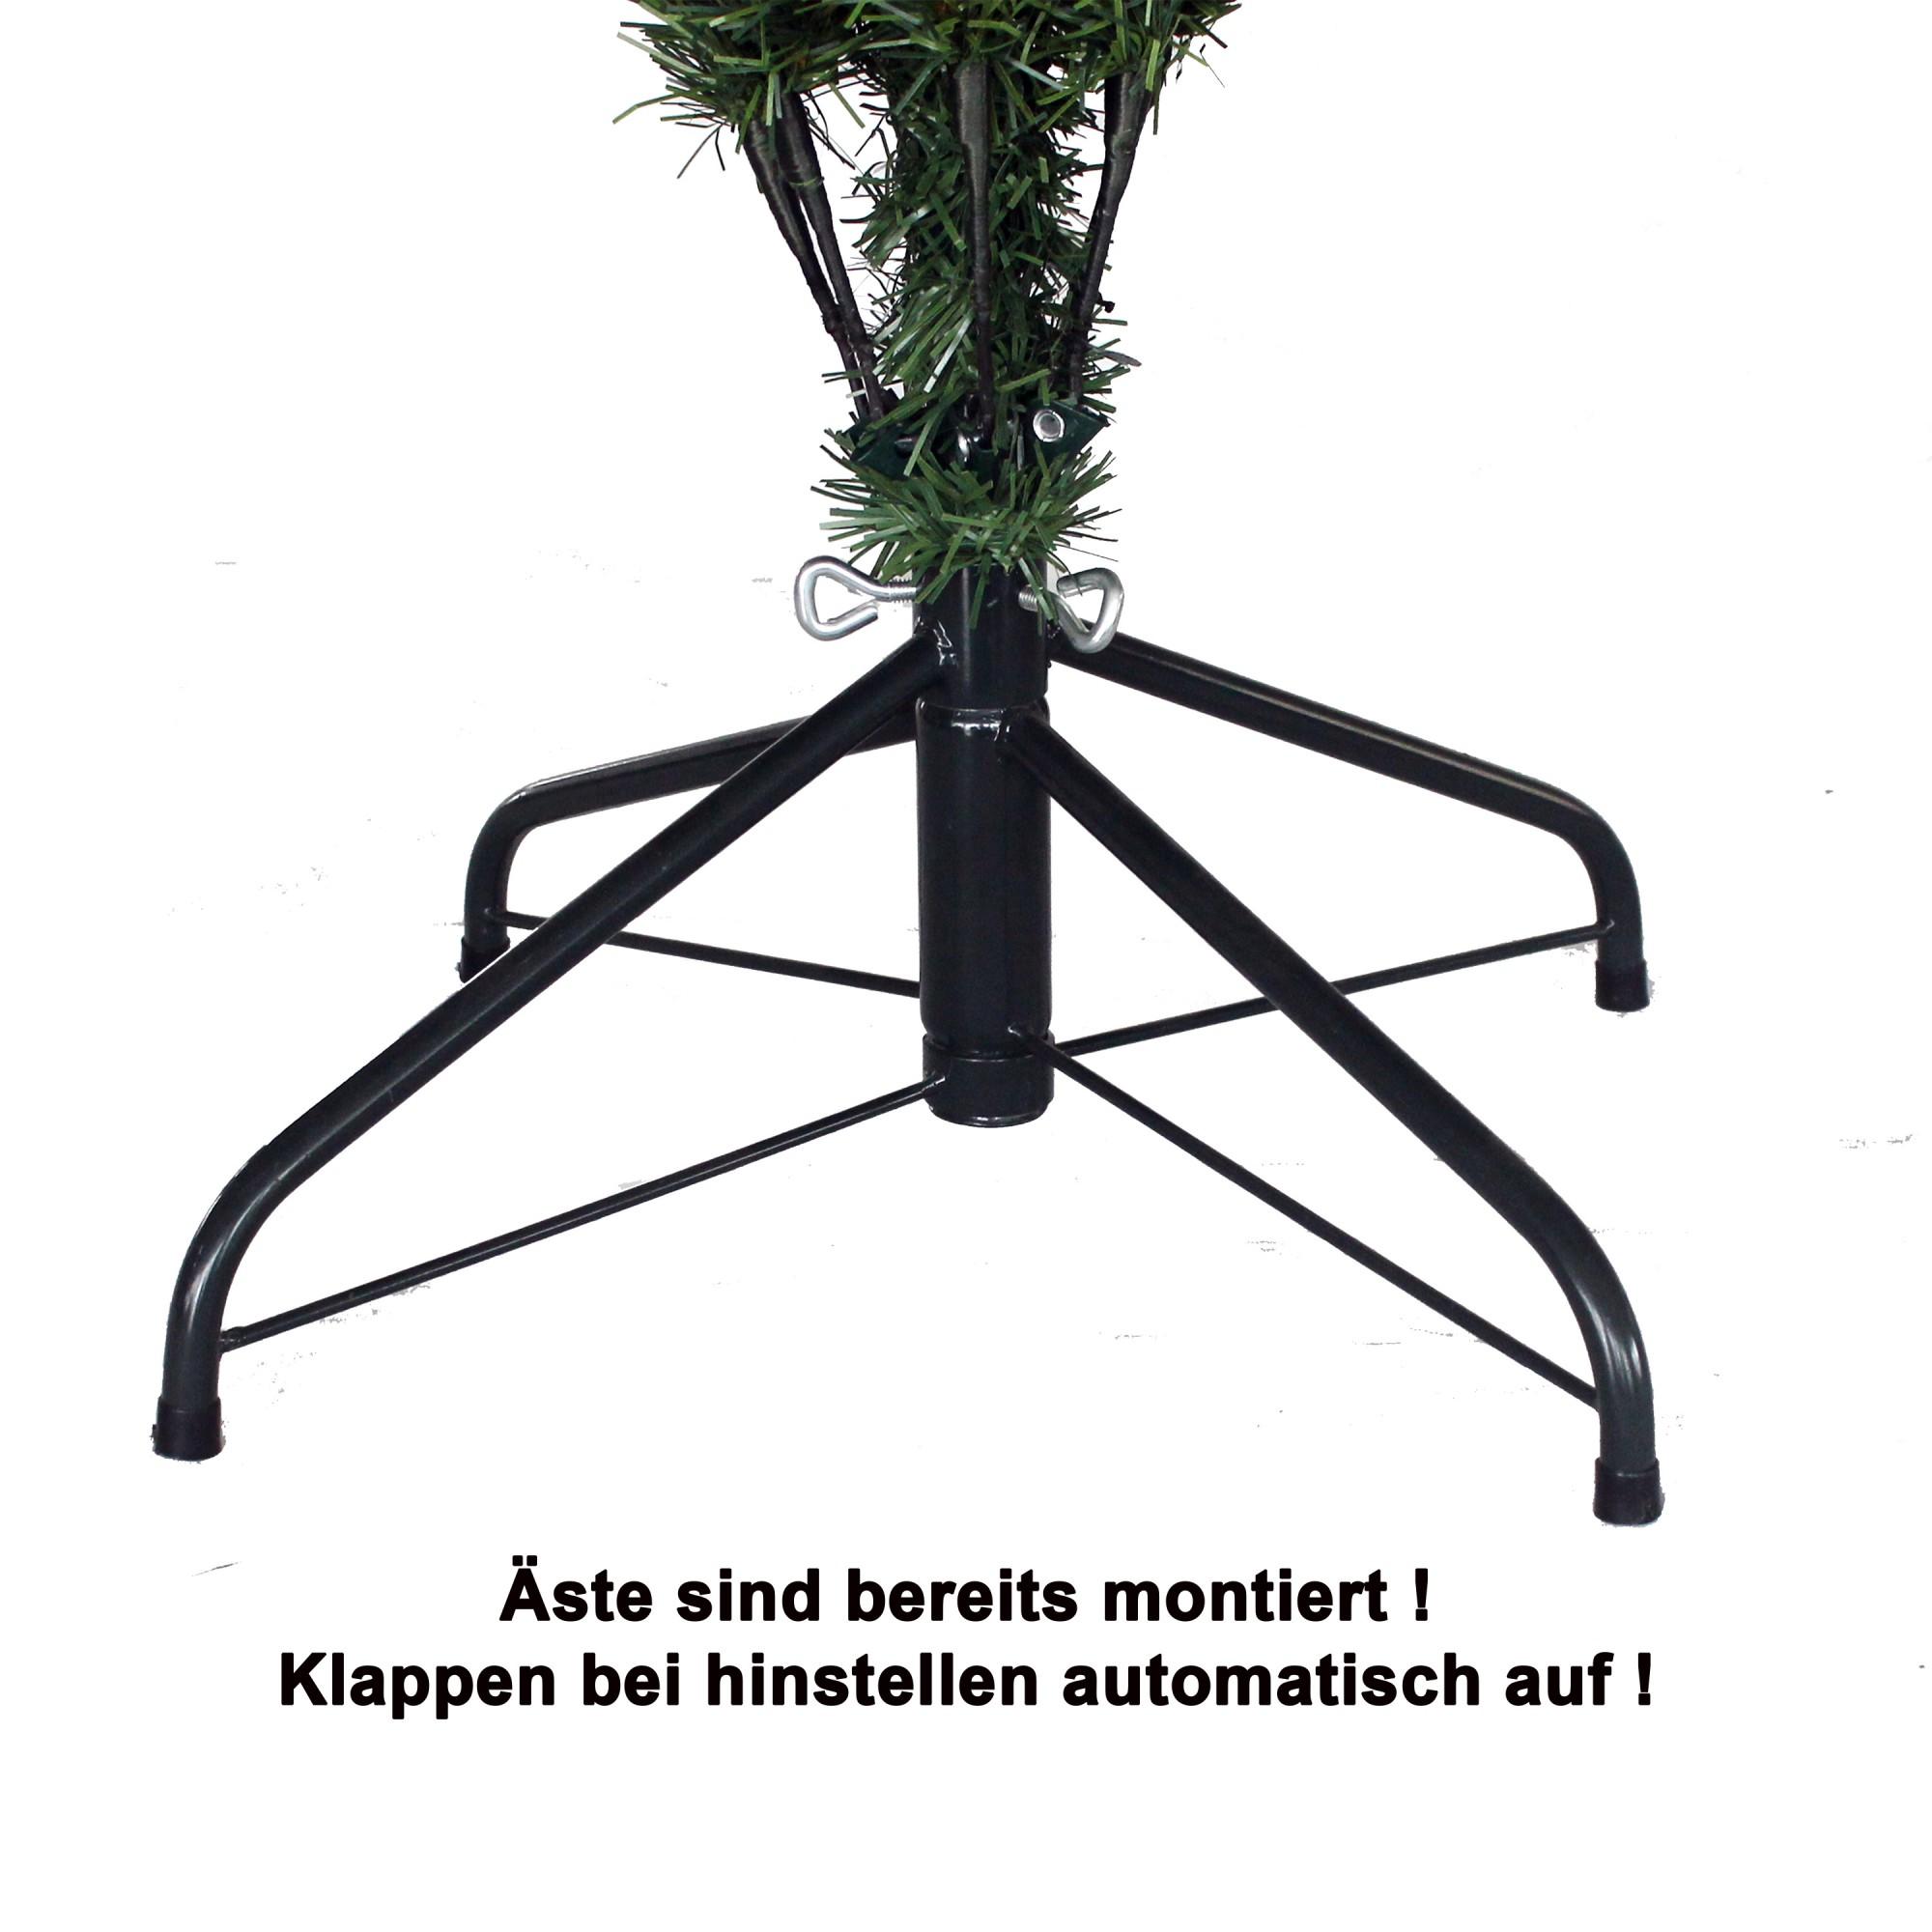 hxt 1101 240 cm k nstlicher weihnachtsbaum k nstliche weihnachtsb ume hxt 1101 exklusiv. Black Bedroom Furniture Sets. Home Design Ideas